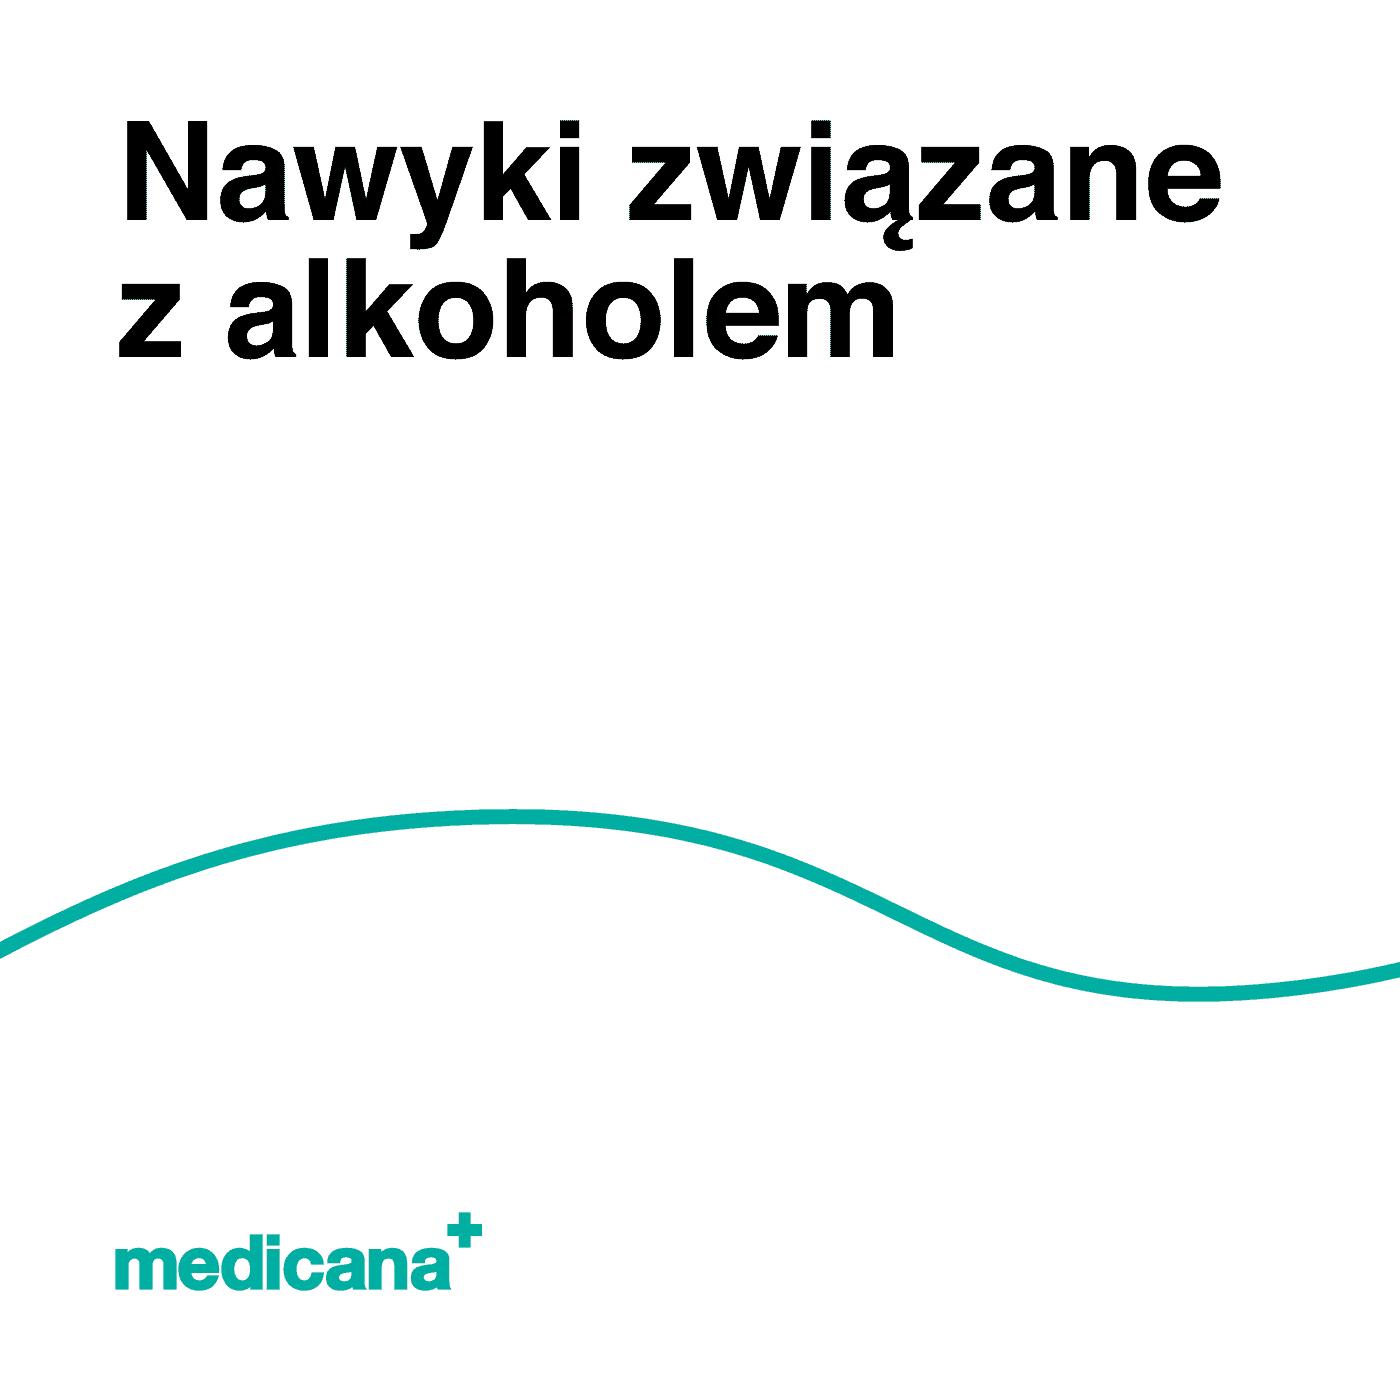 Grafika, białe tło z zieloną linią, czarnym napisem Nawyki związane z alkoholem oraz zielonym logo Medicana w lewym dolnym rogu.